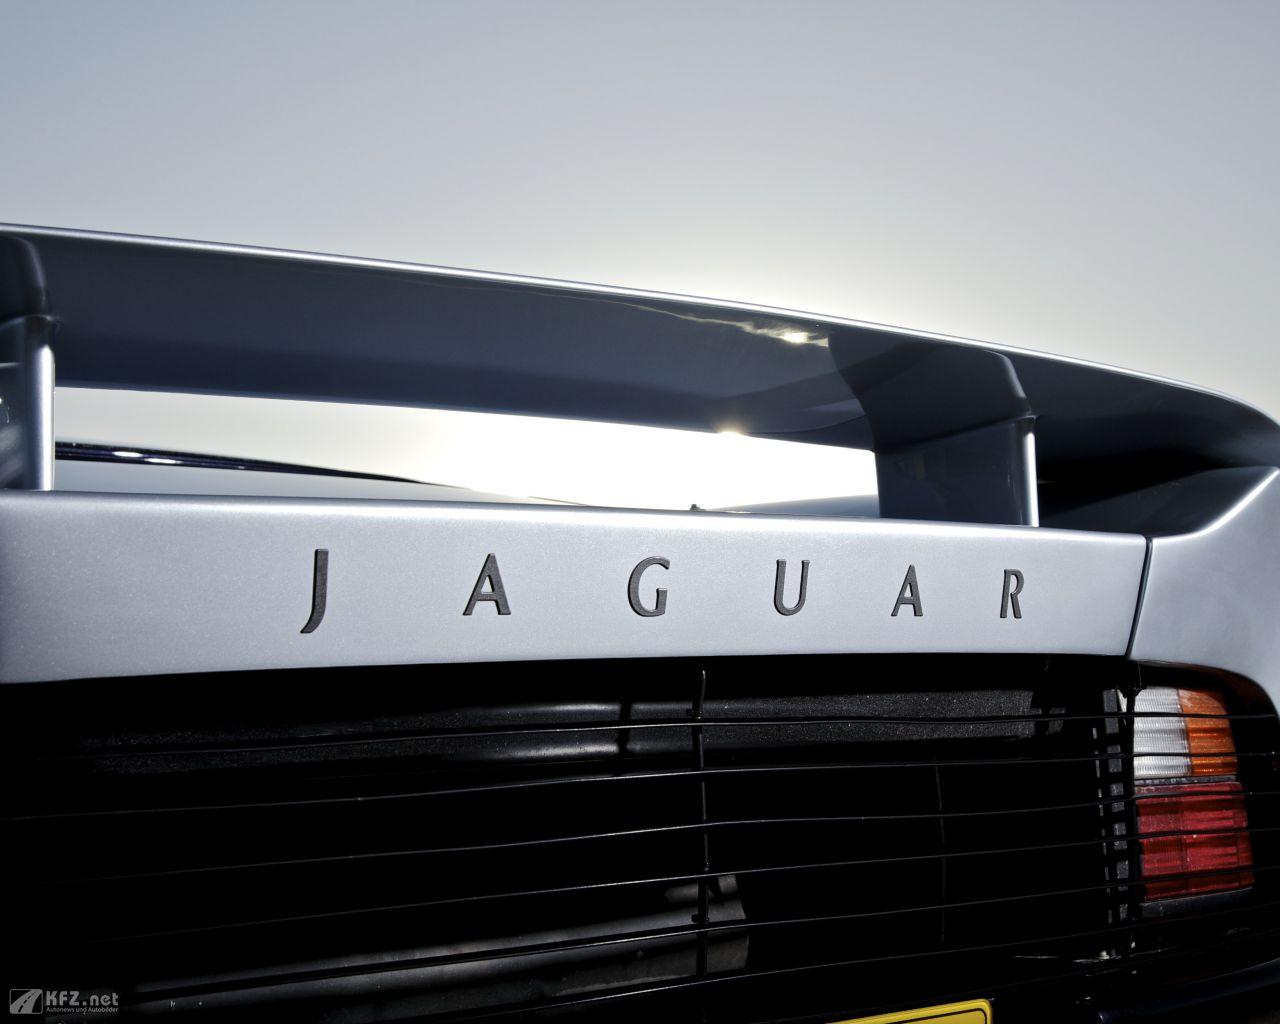 jaguar-xj220-1280x1024-17